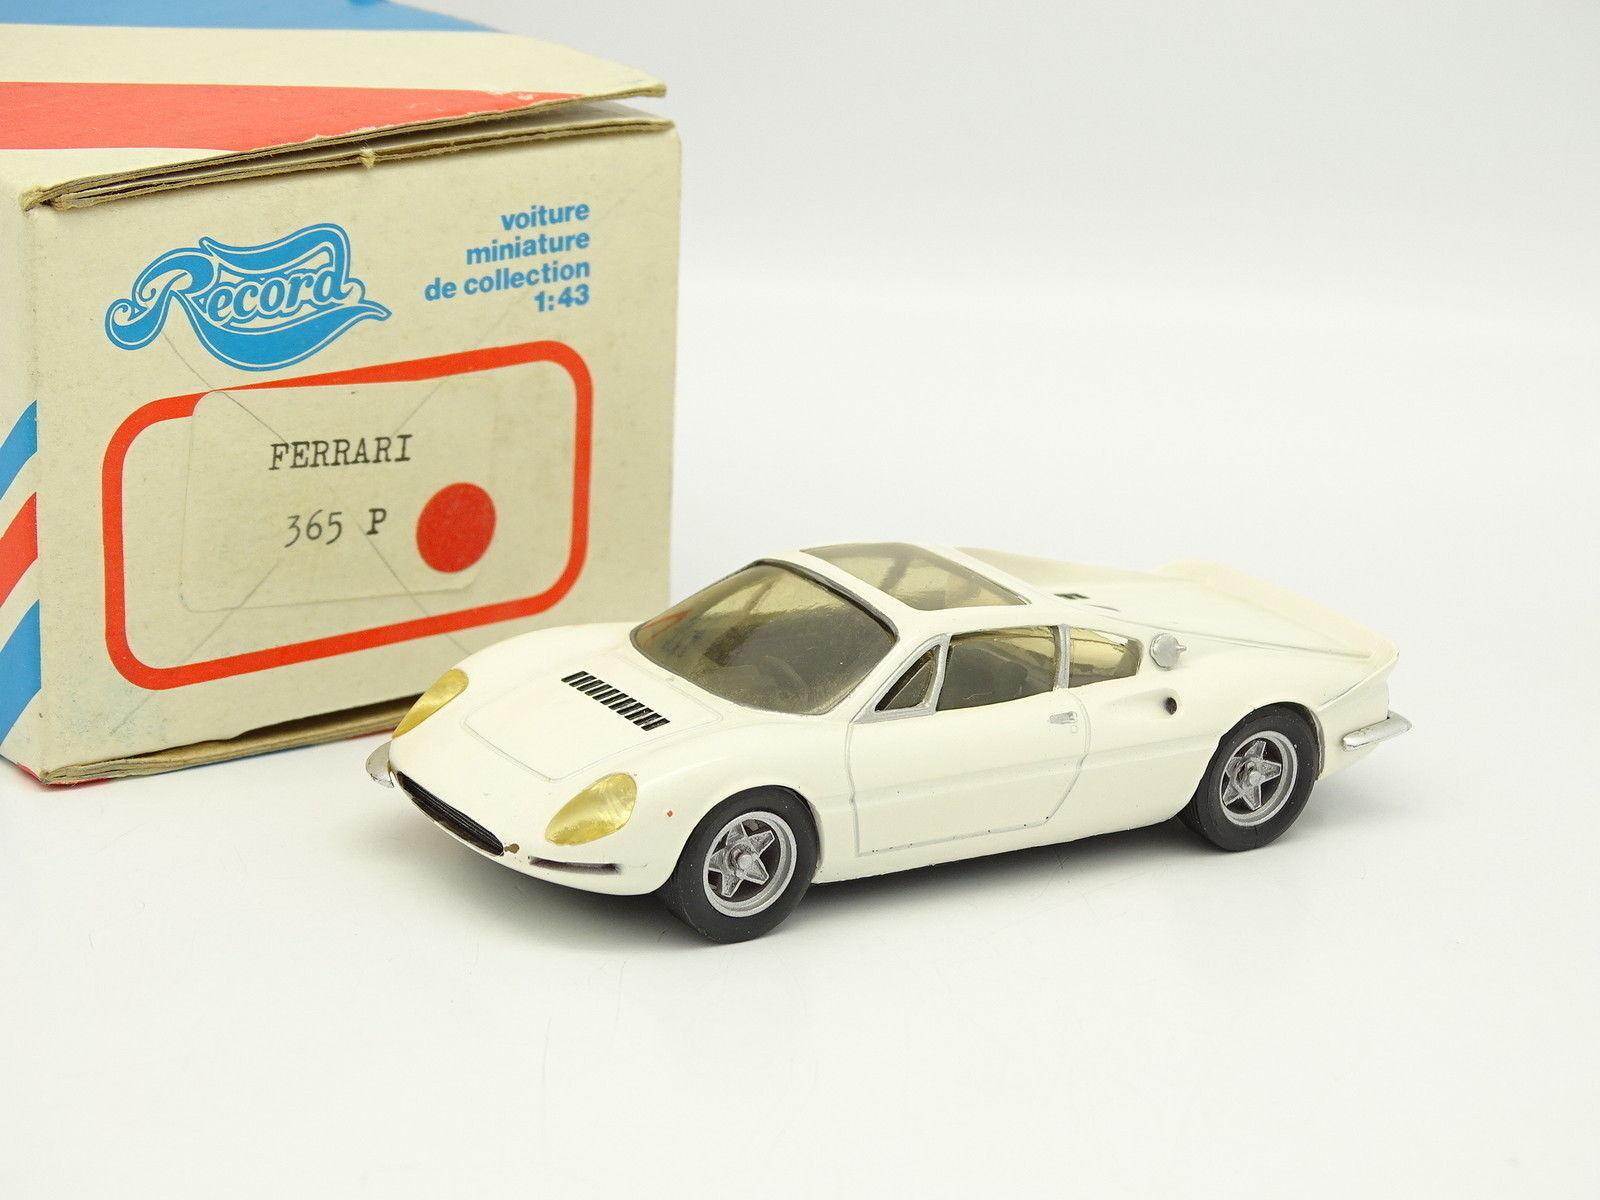 Record resin kit - 1 43 - ferrari 365p white